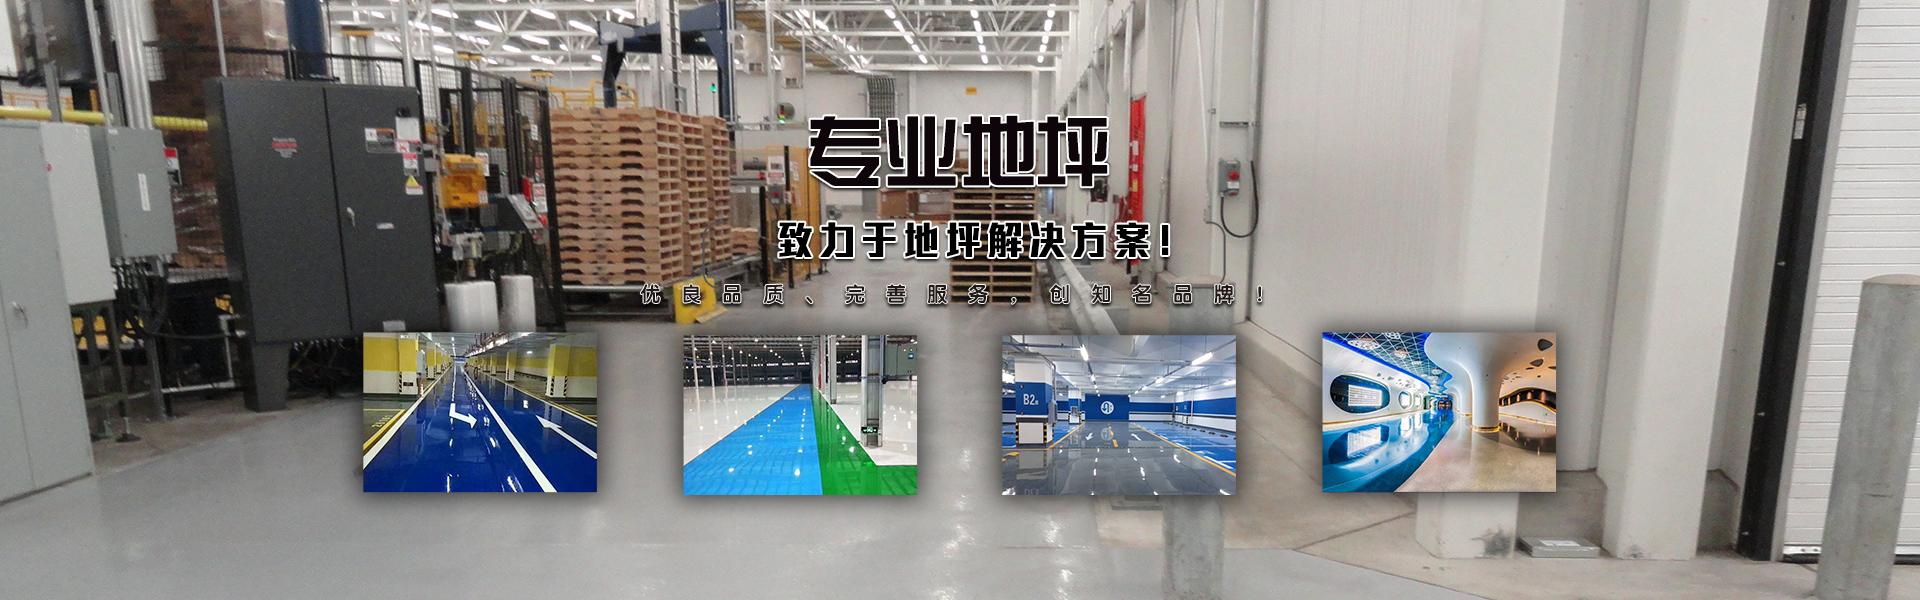 临沂七彩环氧地坪工程有限公司